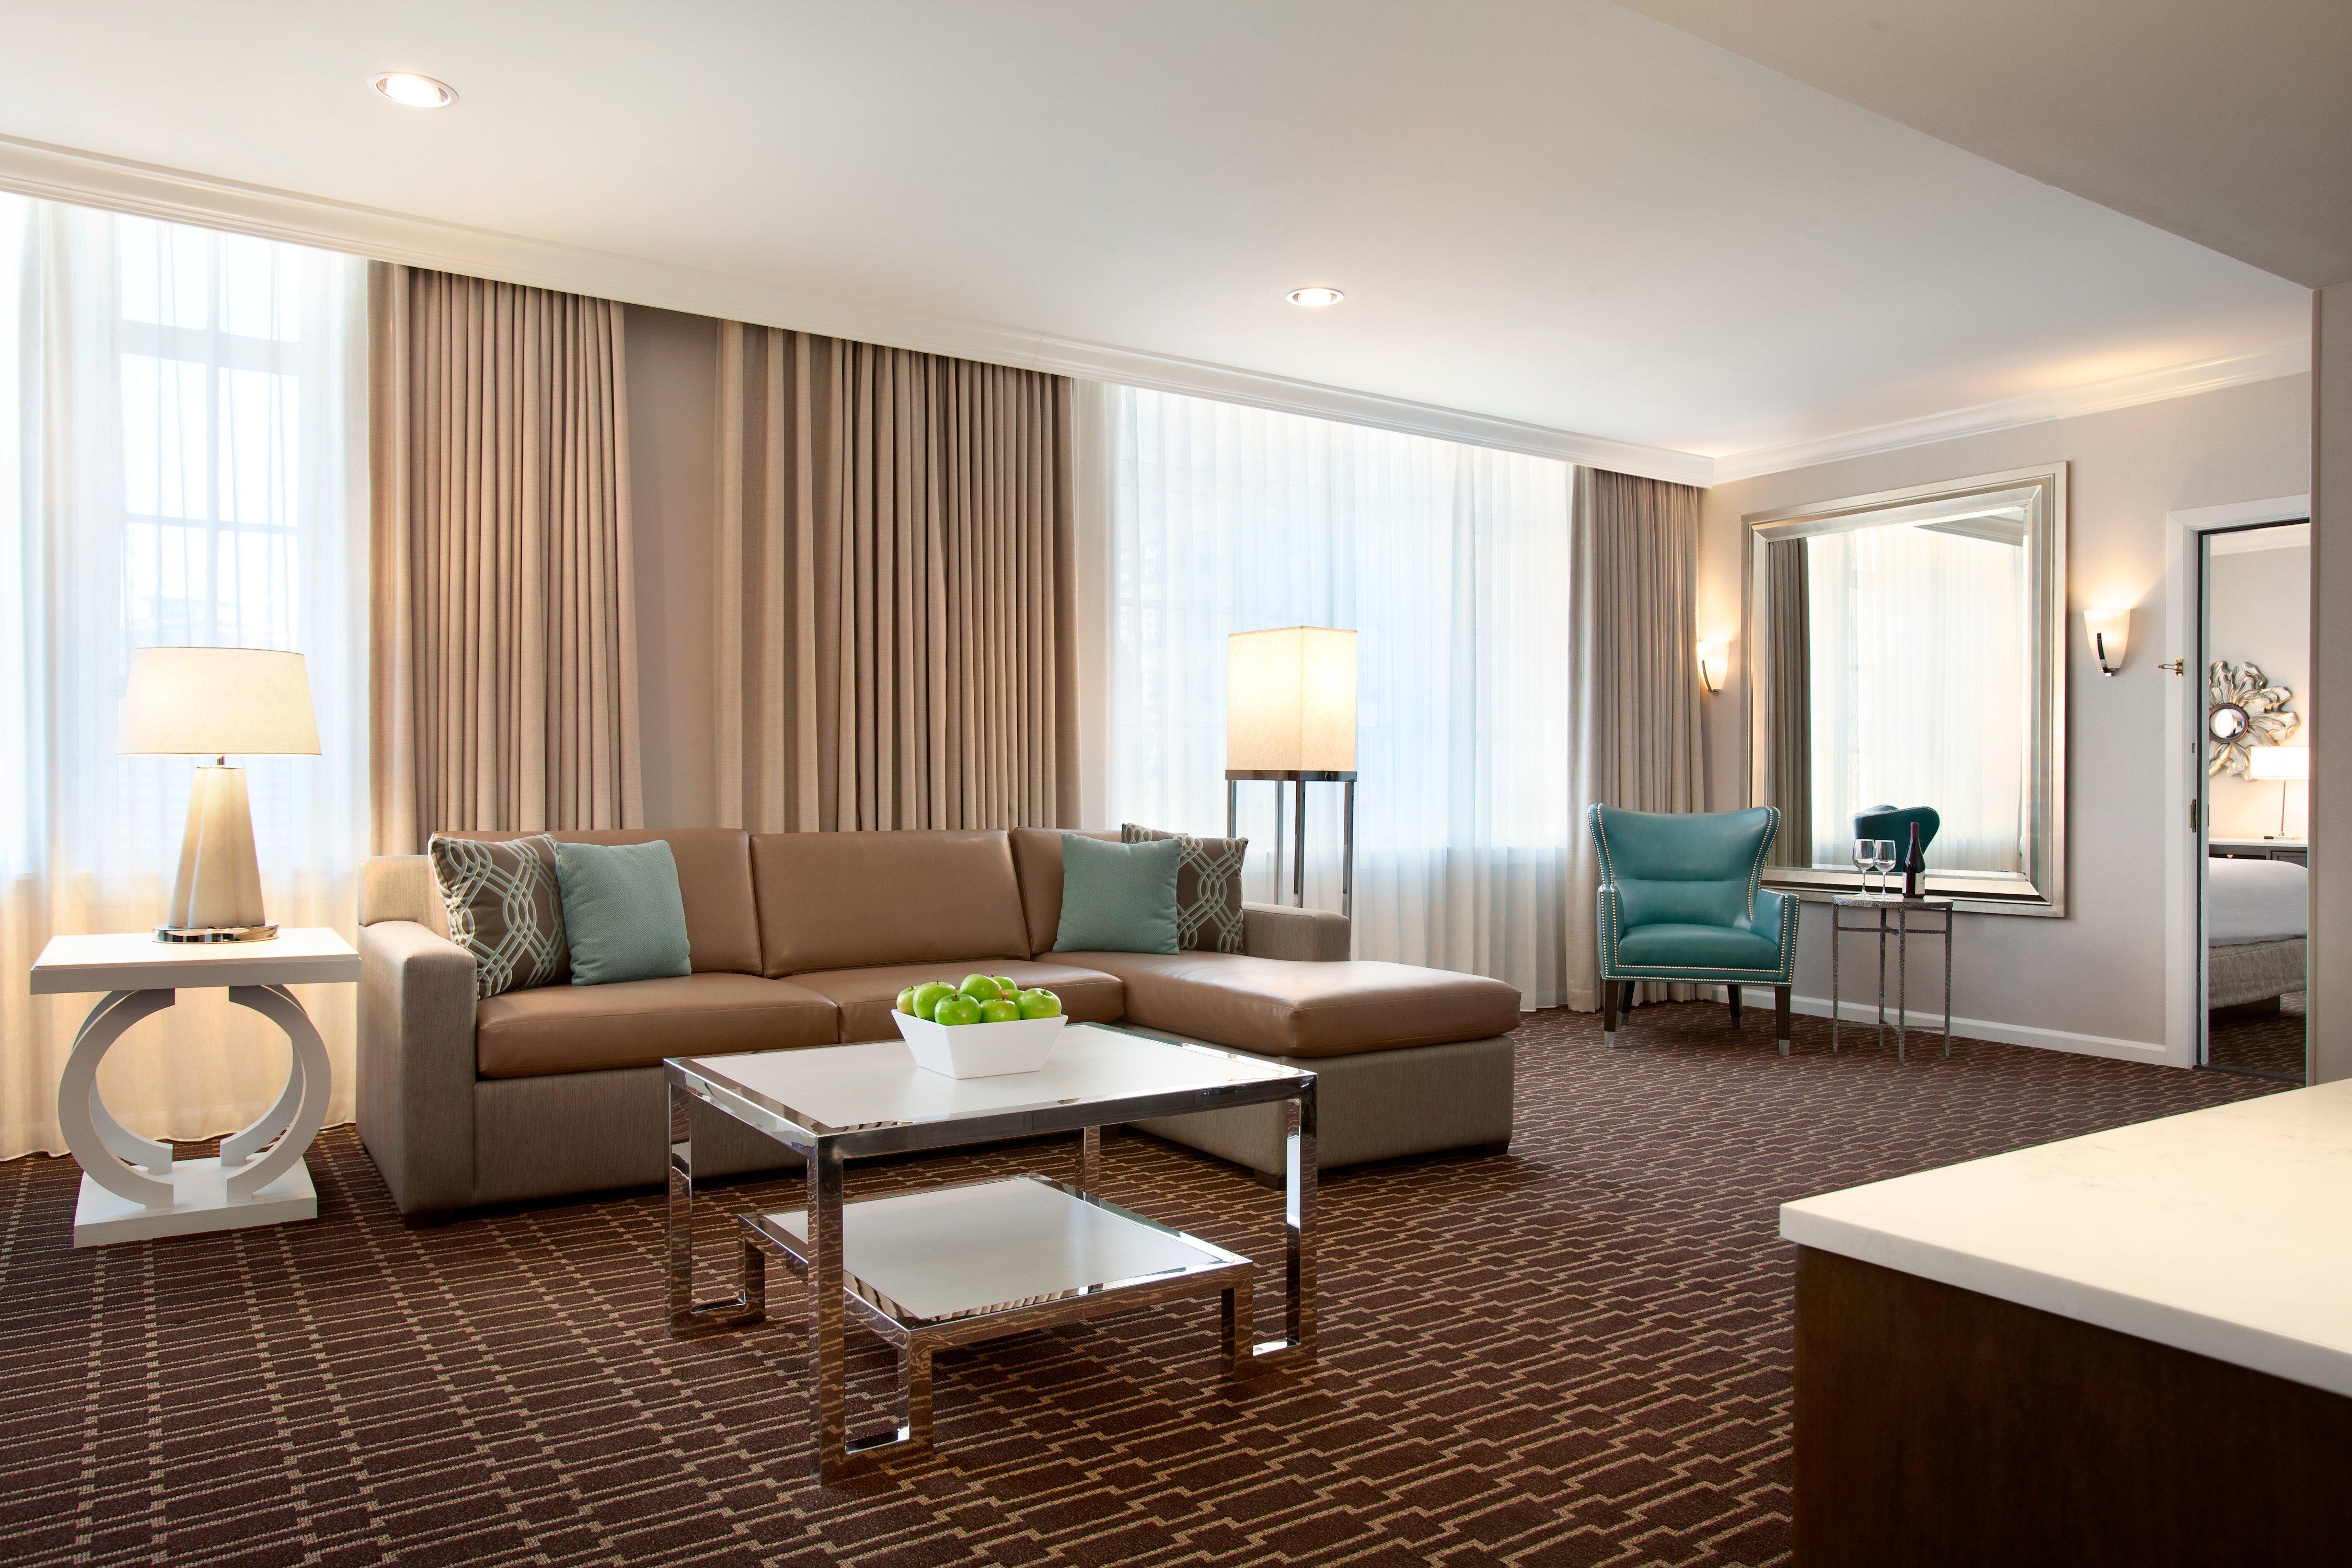 St Charles Hilton - Parlor Suite